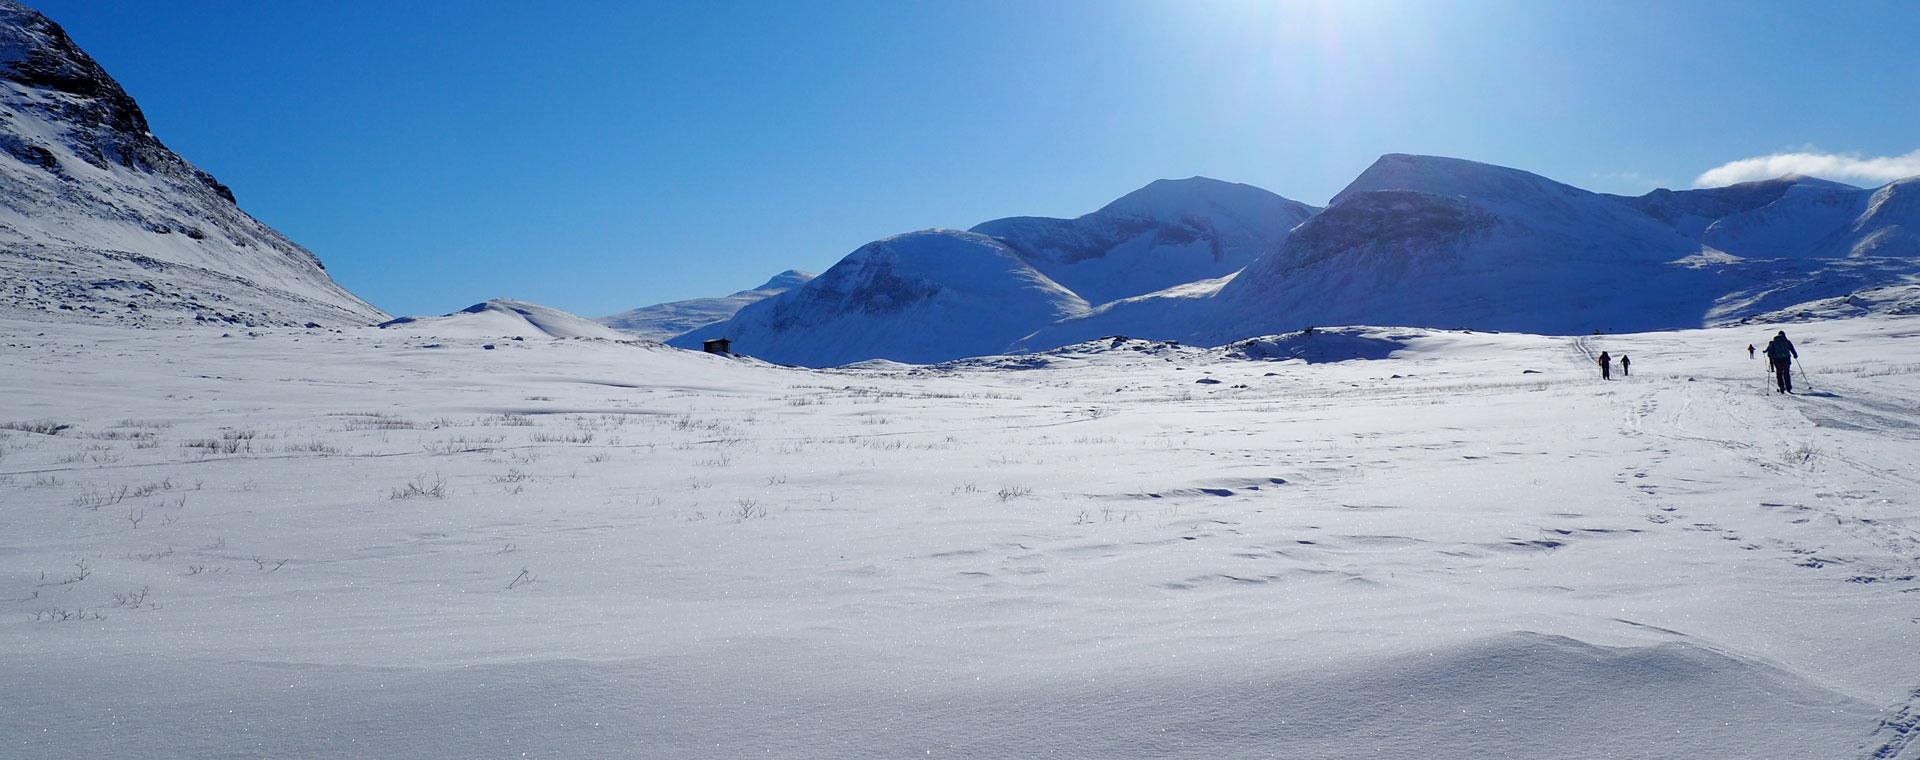 Image Laponie suédoise : la piste Royale